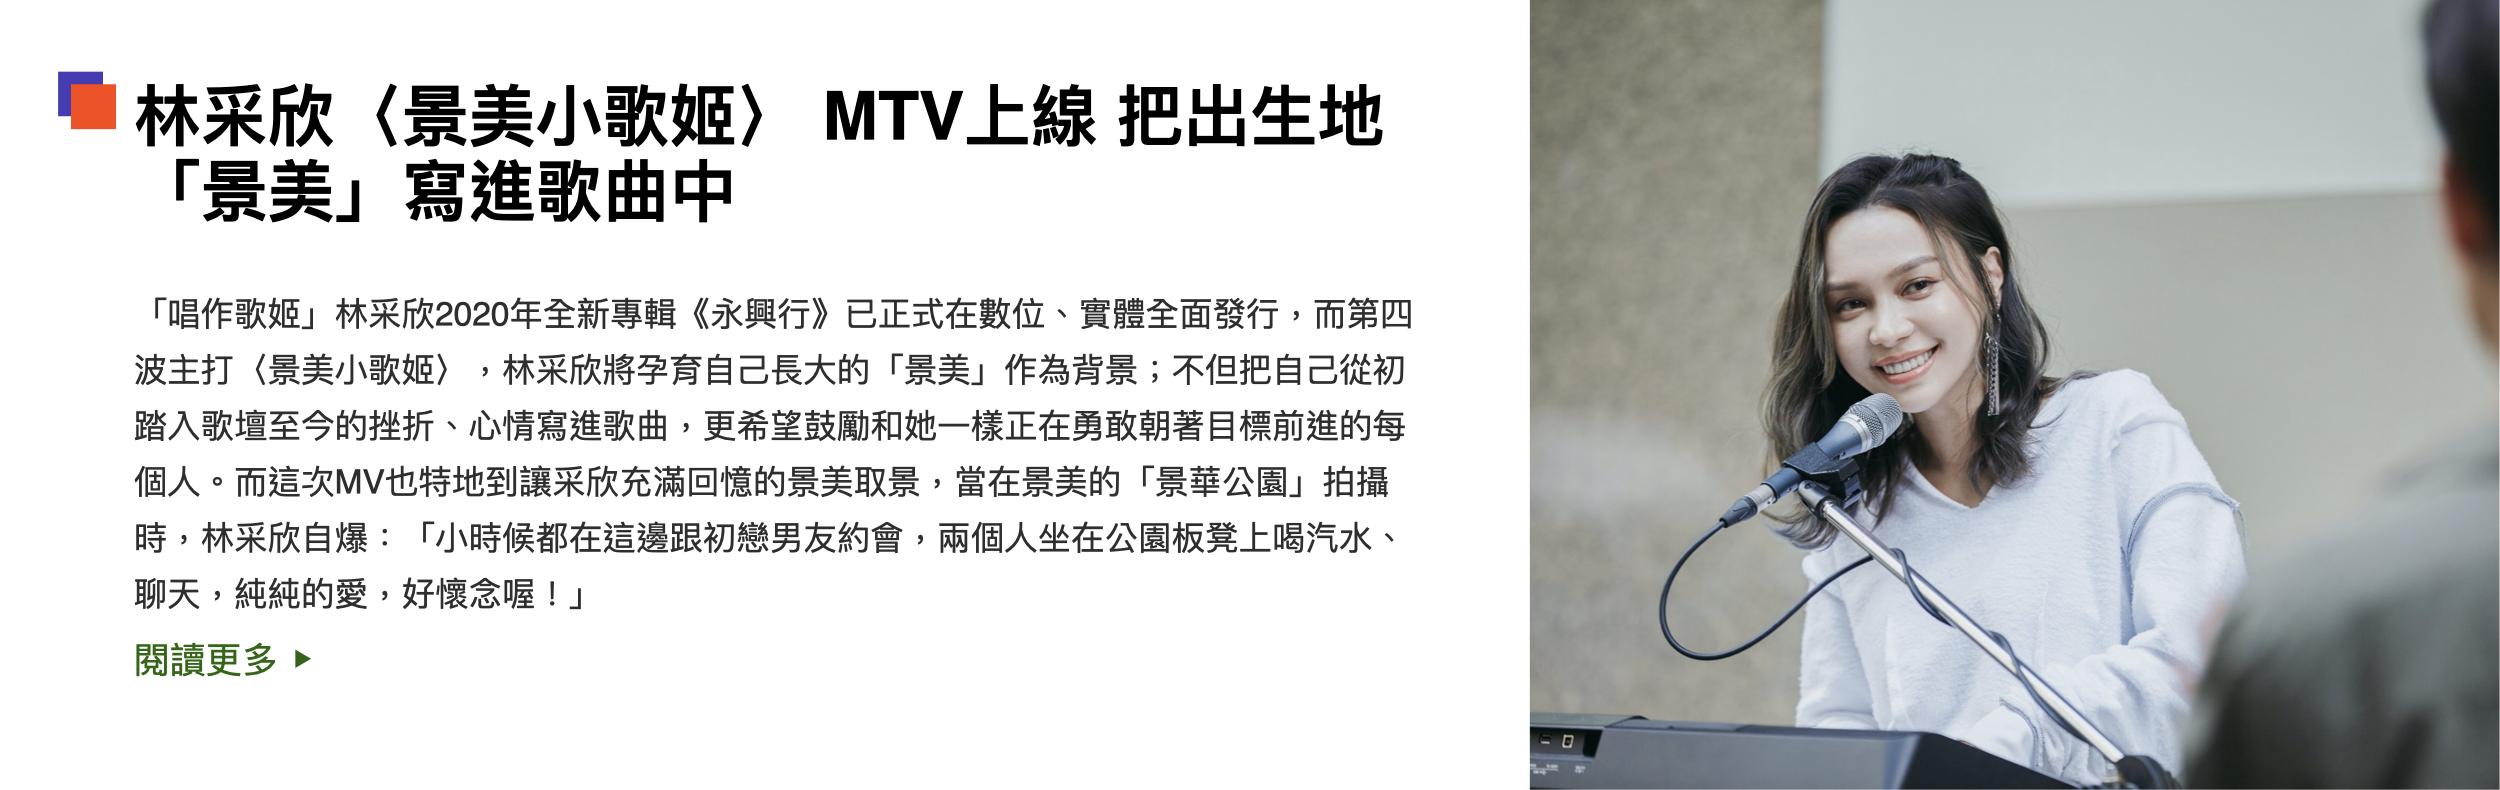 林采欣新MTV上線:景美小歌姬將成長寫進歌